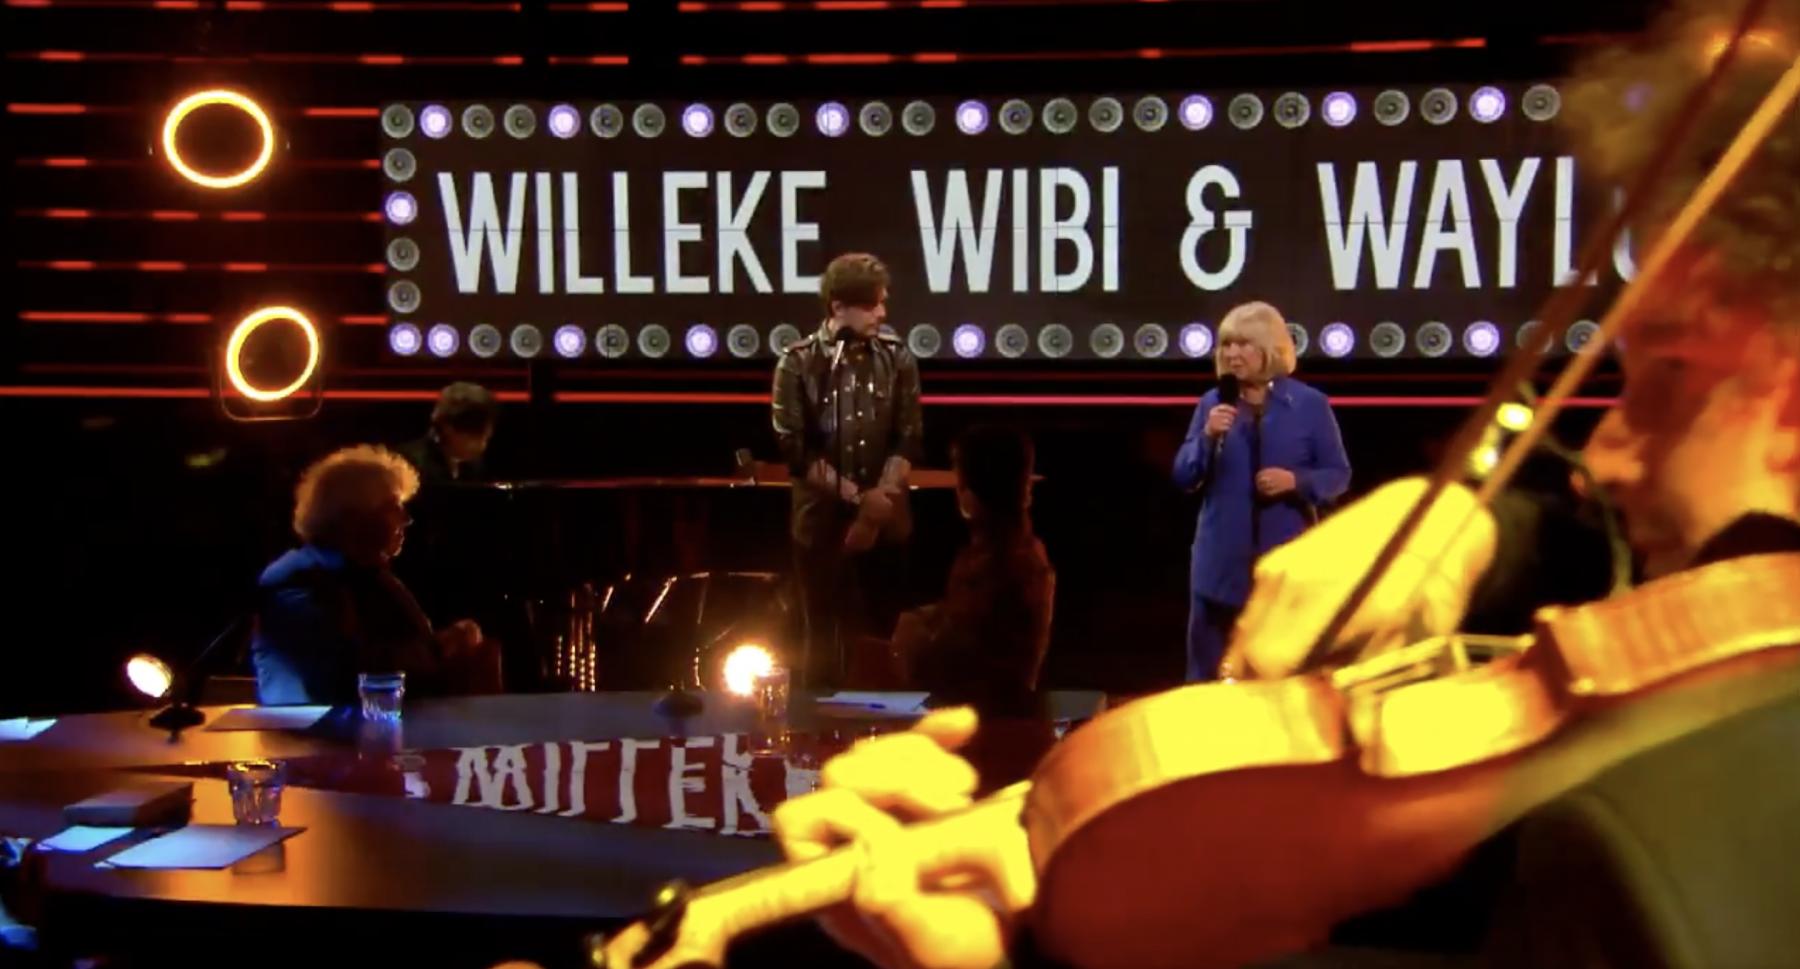 Prachtig optreden van opmerkelijk trio: Willeke Alberti, Waylon en Wibi Soerjadi treden samen op